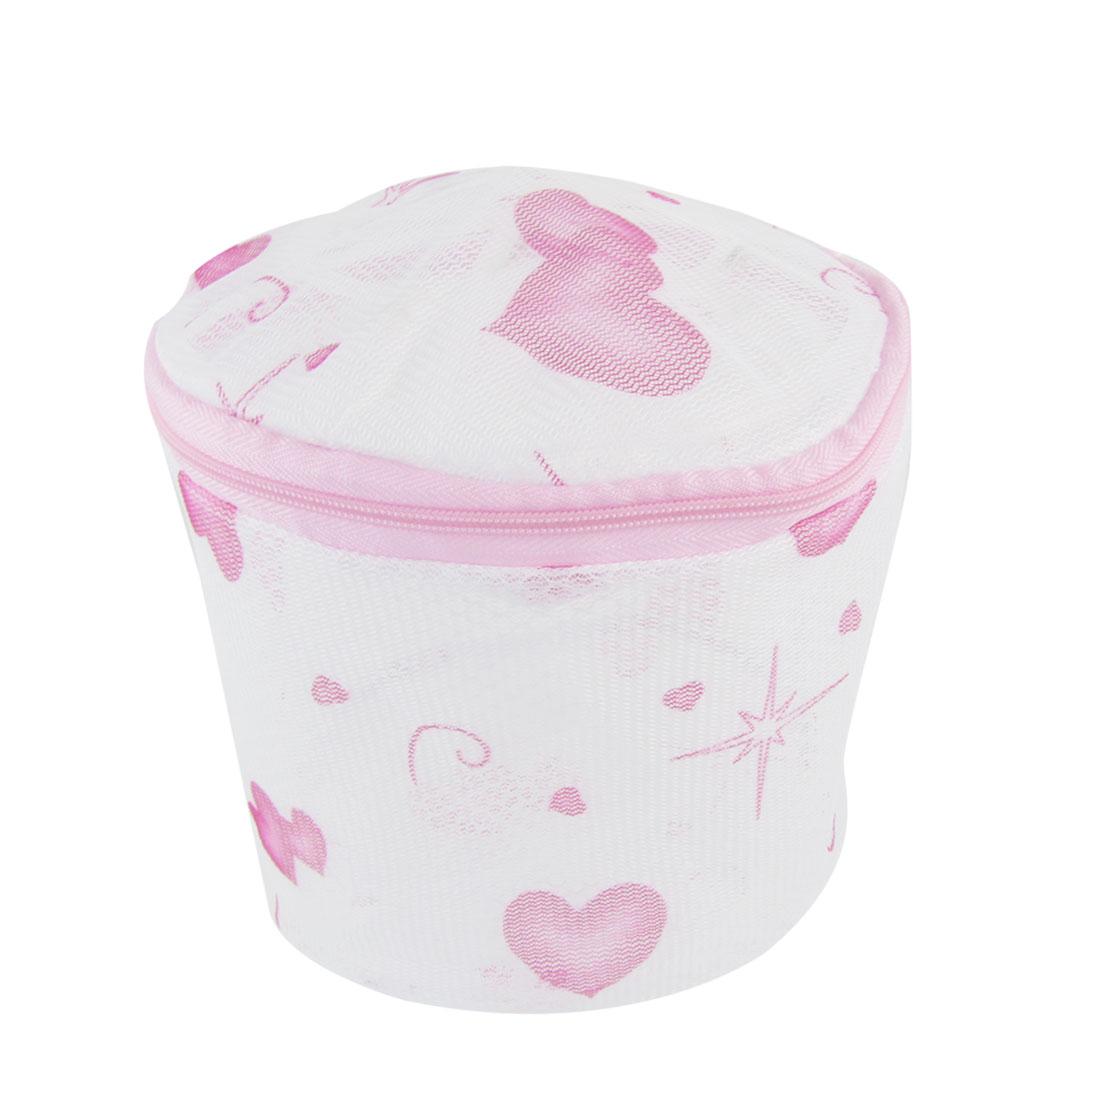 Fuchsia Heart Printed Lingerie Bra Plastic Frame Meshy Laundry Basket